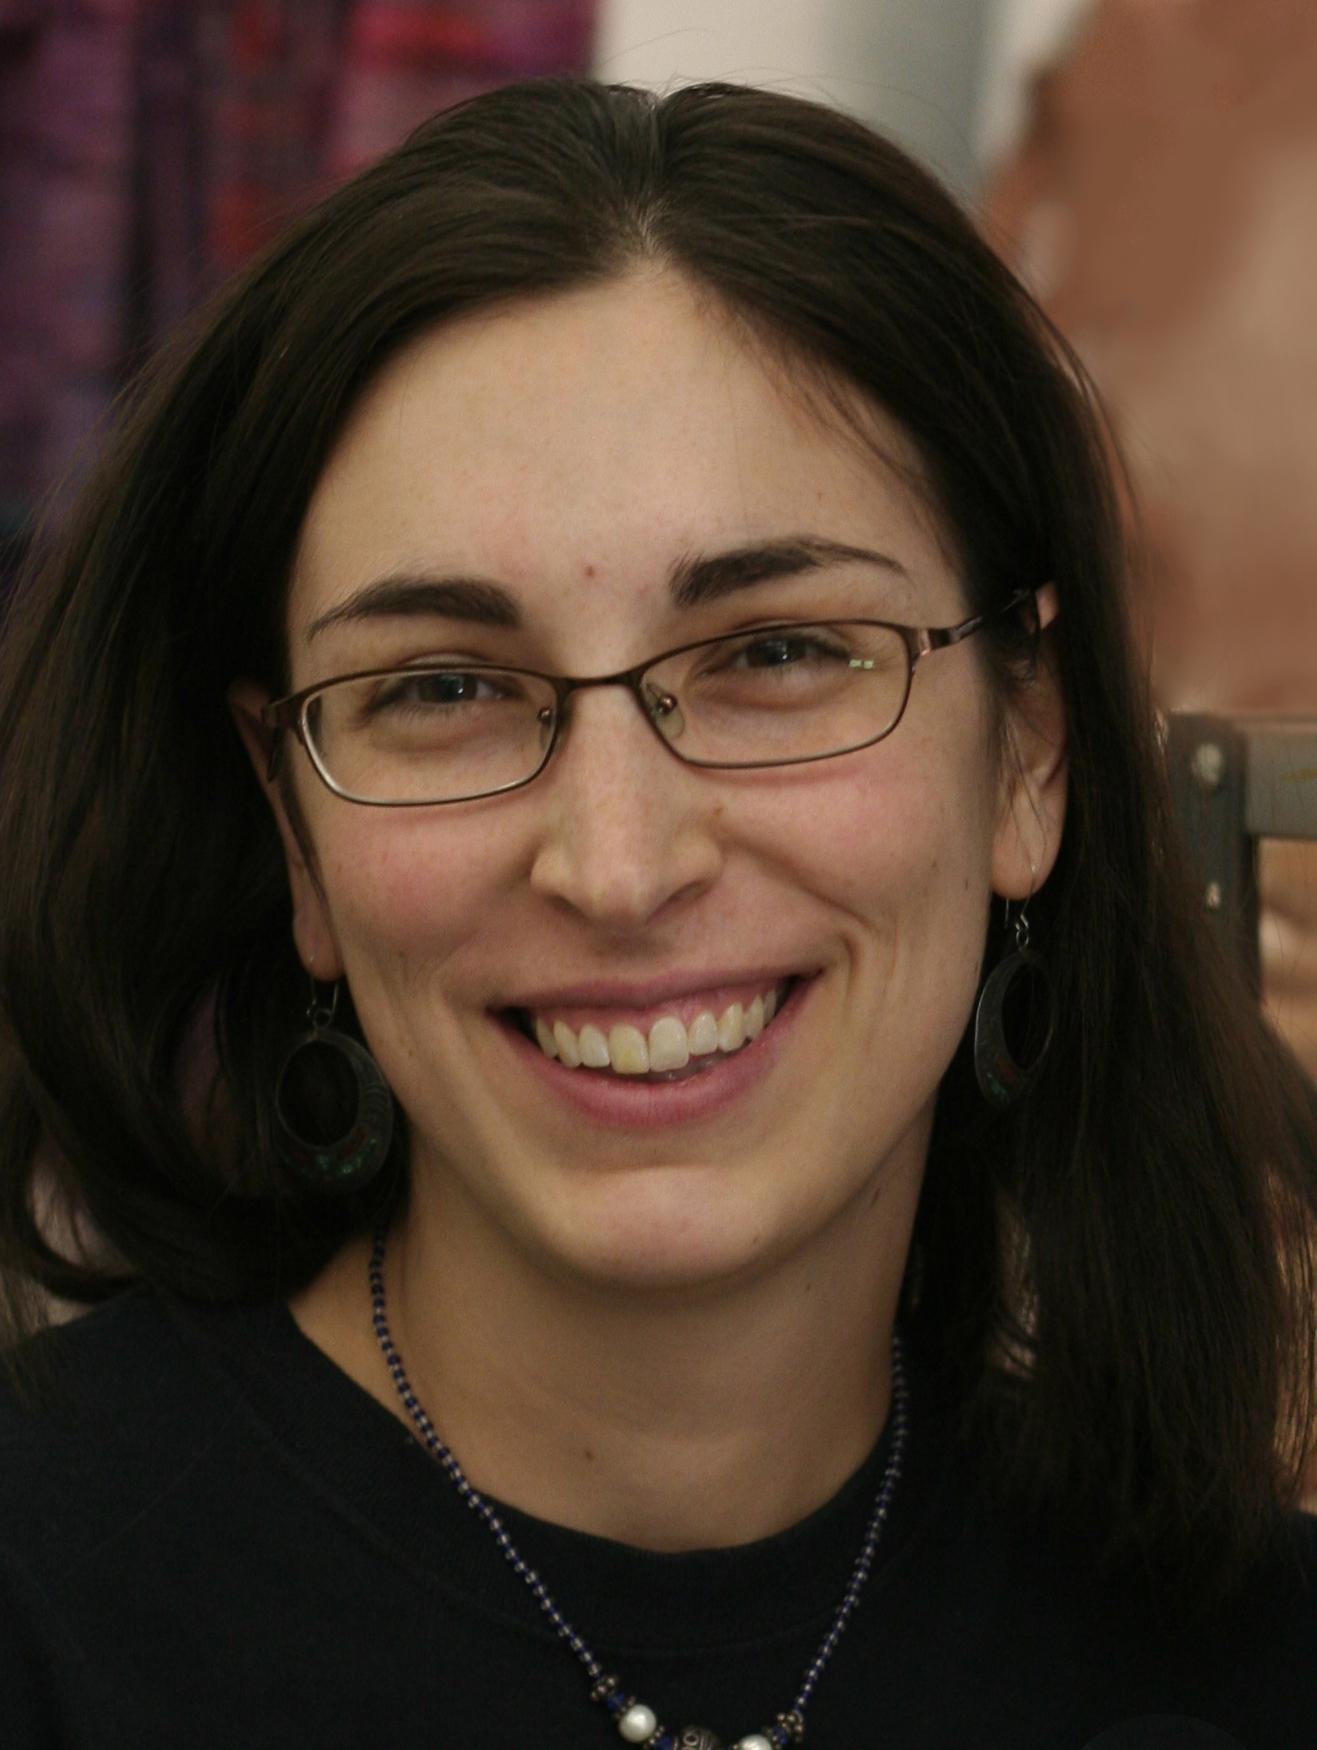 Lisa Benson